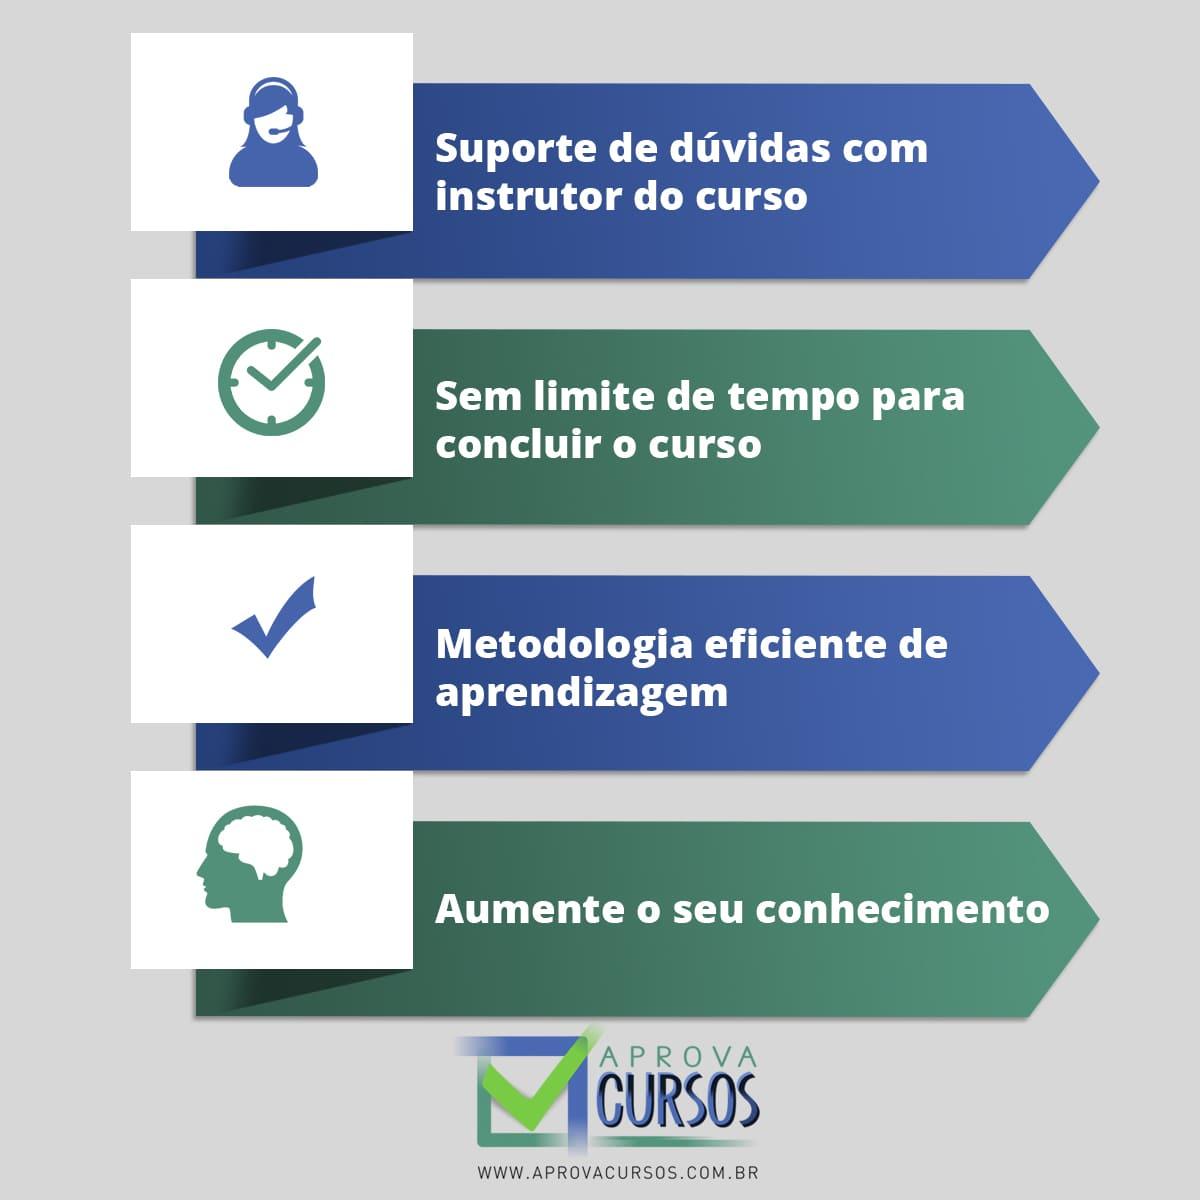 Curso Online de Recepção e Atendimento com Certificado  - Aprova Cursos